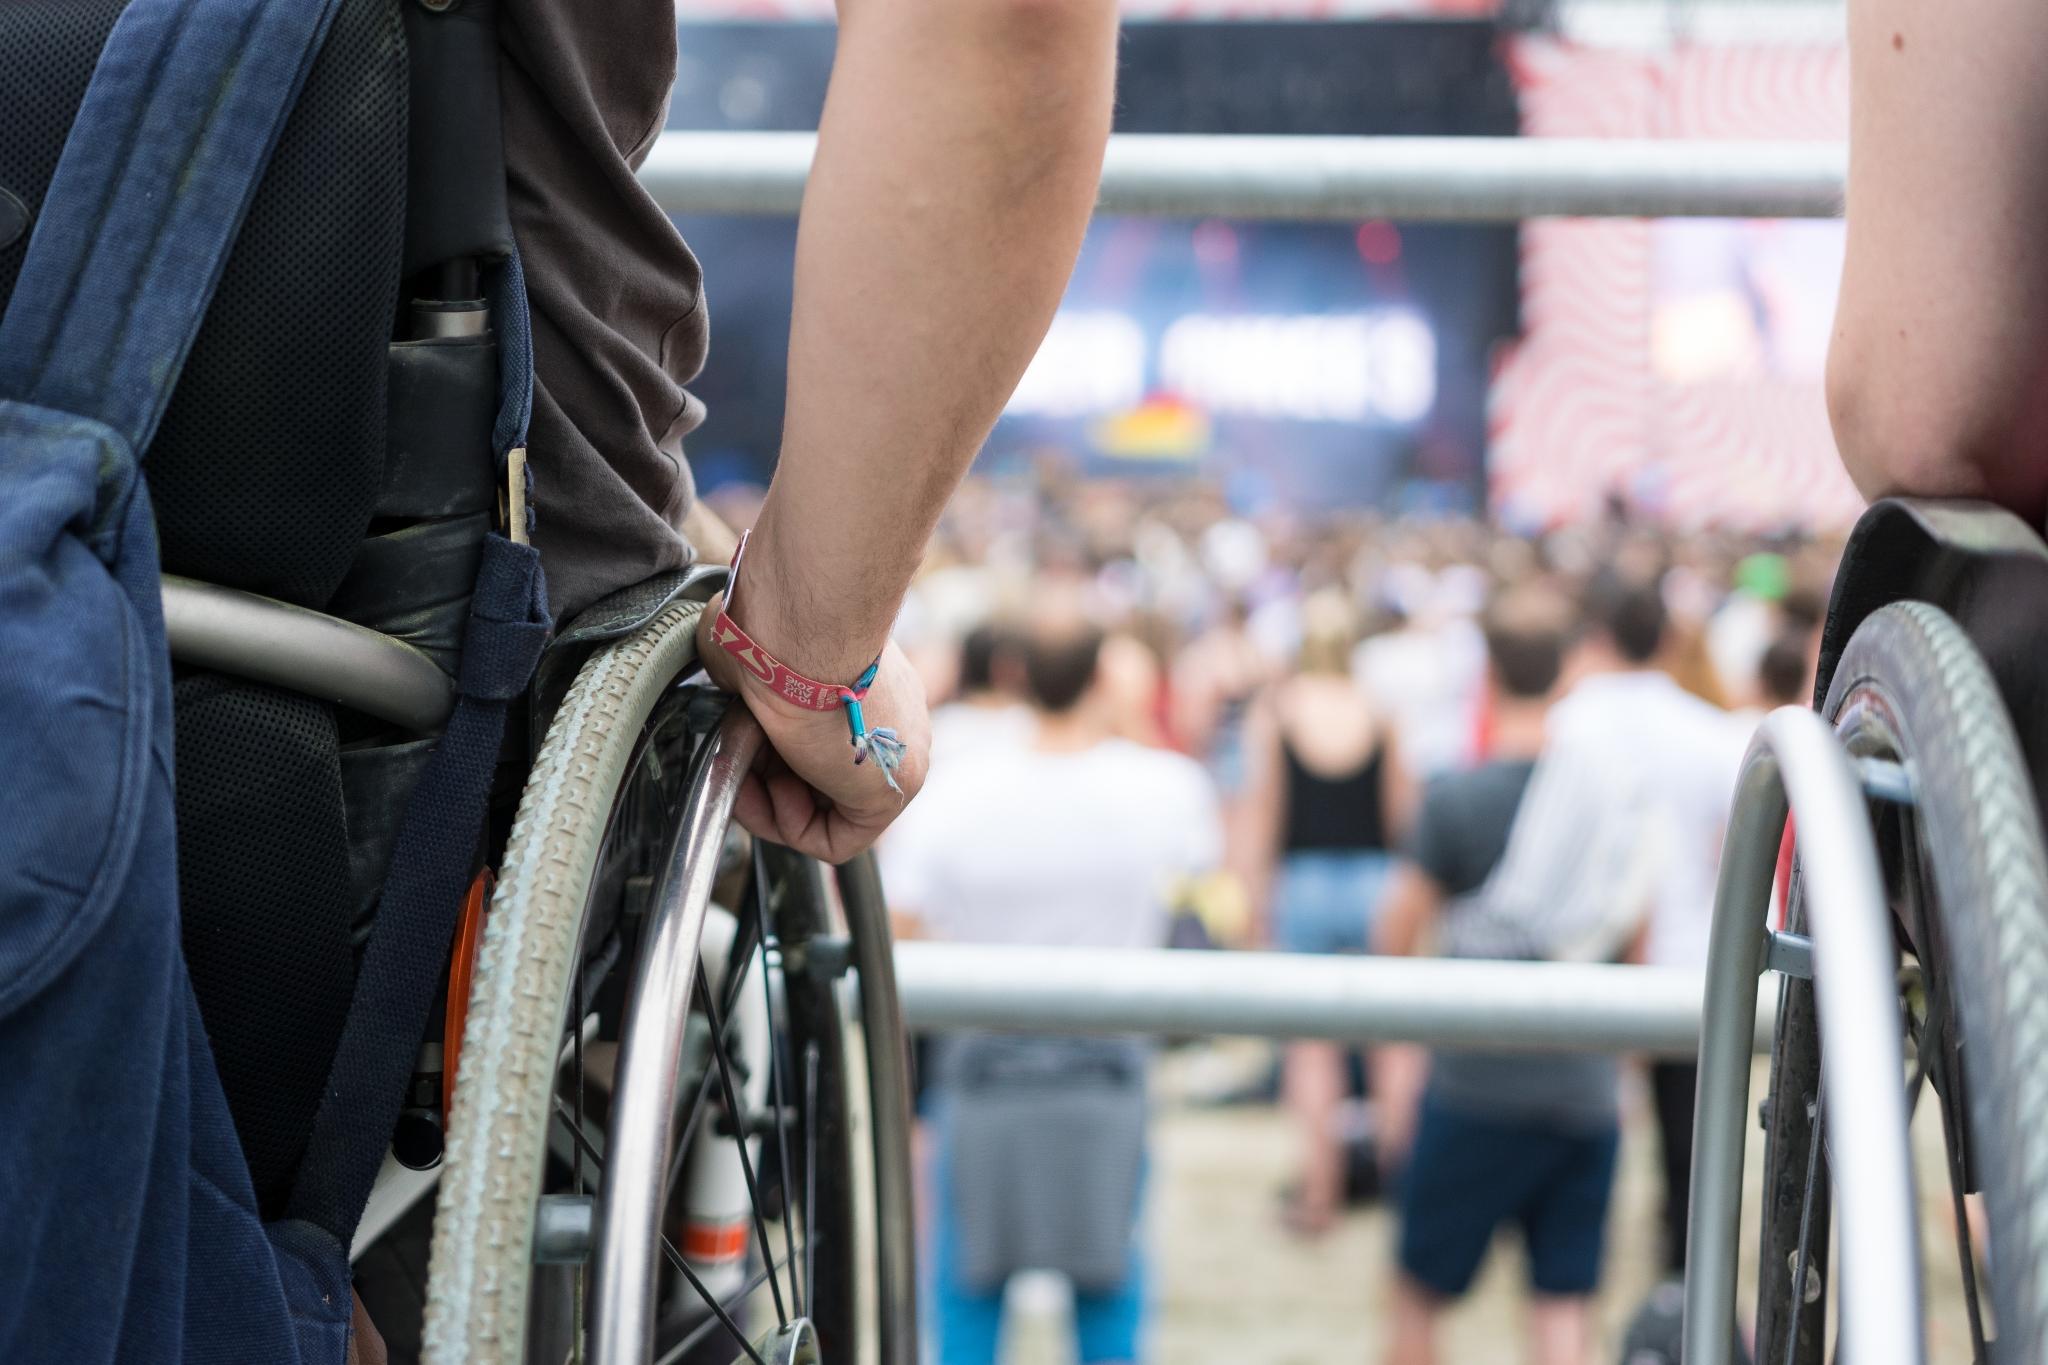 Zwei Rollstuhlfahrer*innen stehen auf der Tribüne für Rollstuhlfahrer. Vor ihnen sieht man verschwommen die Festivalbühne.